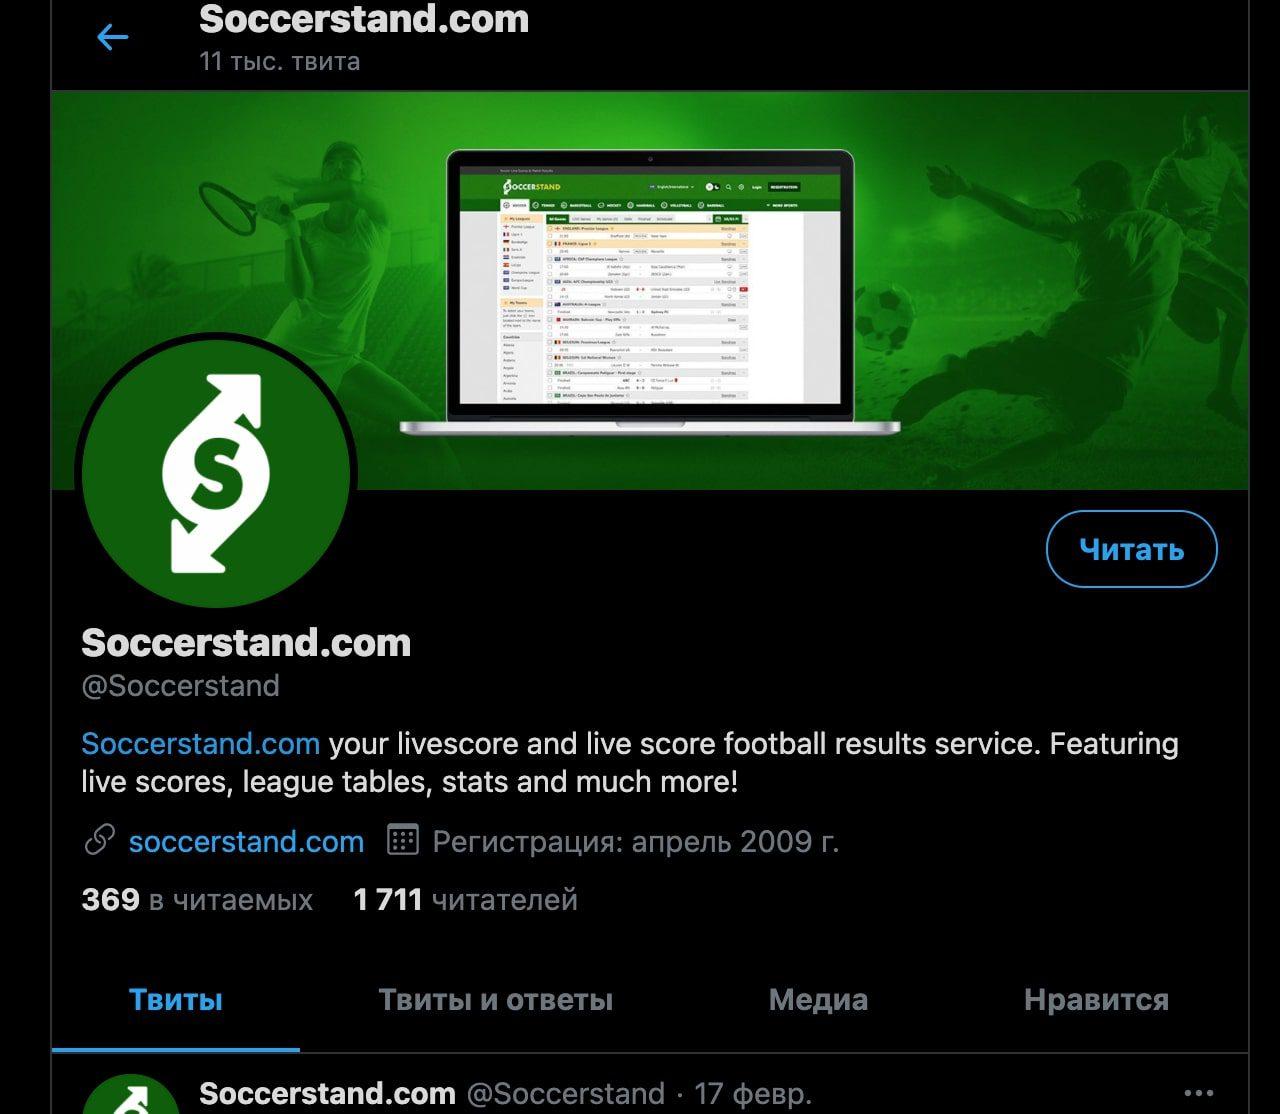 Твиттер www soccerstand com ru (Соккерстенд ру)